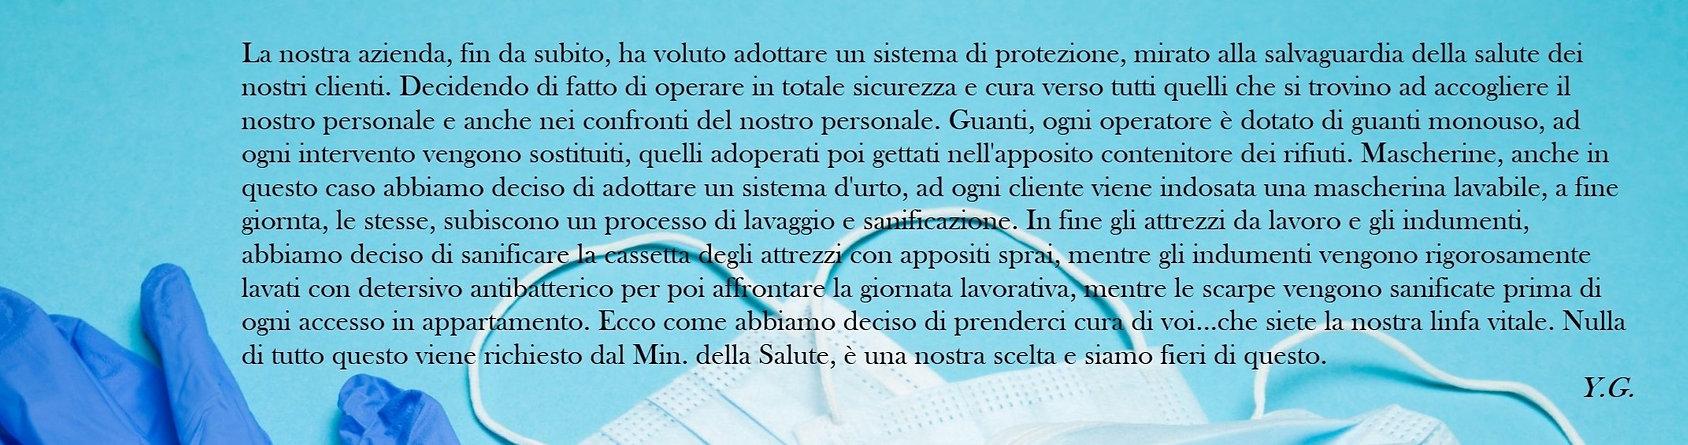 mascherine_e_guanti_indispensabili_allea